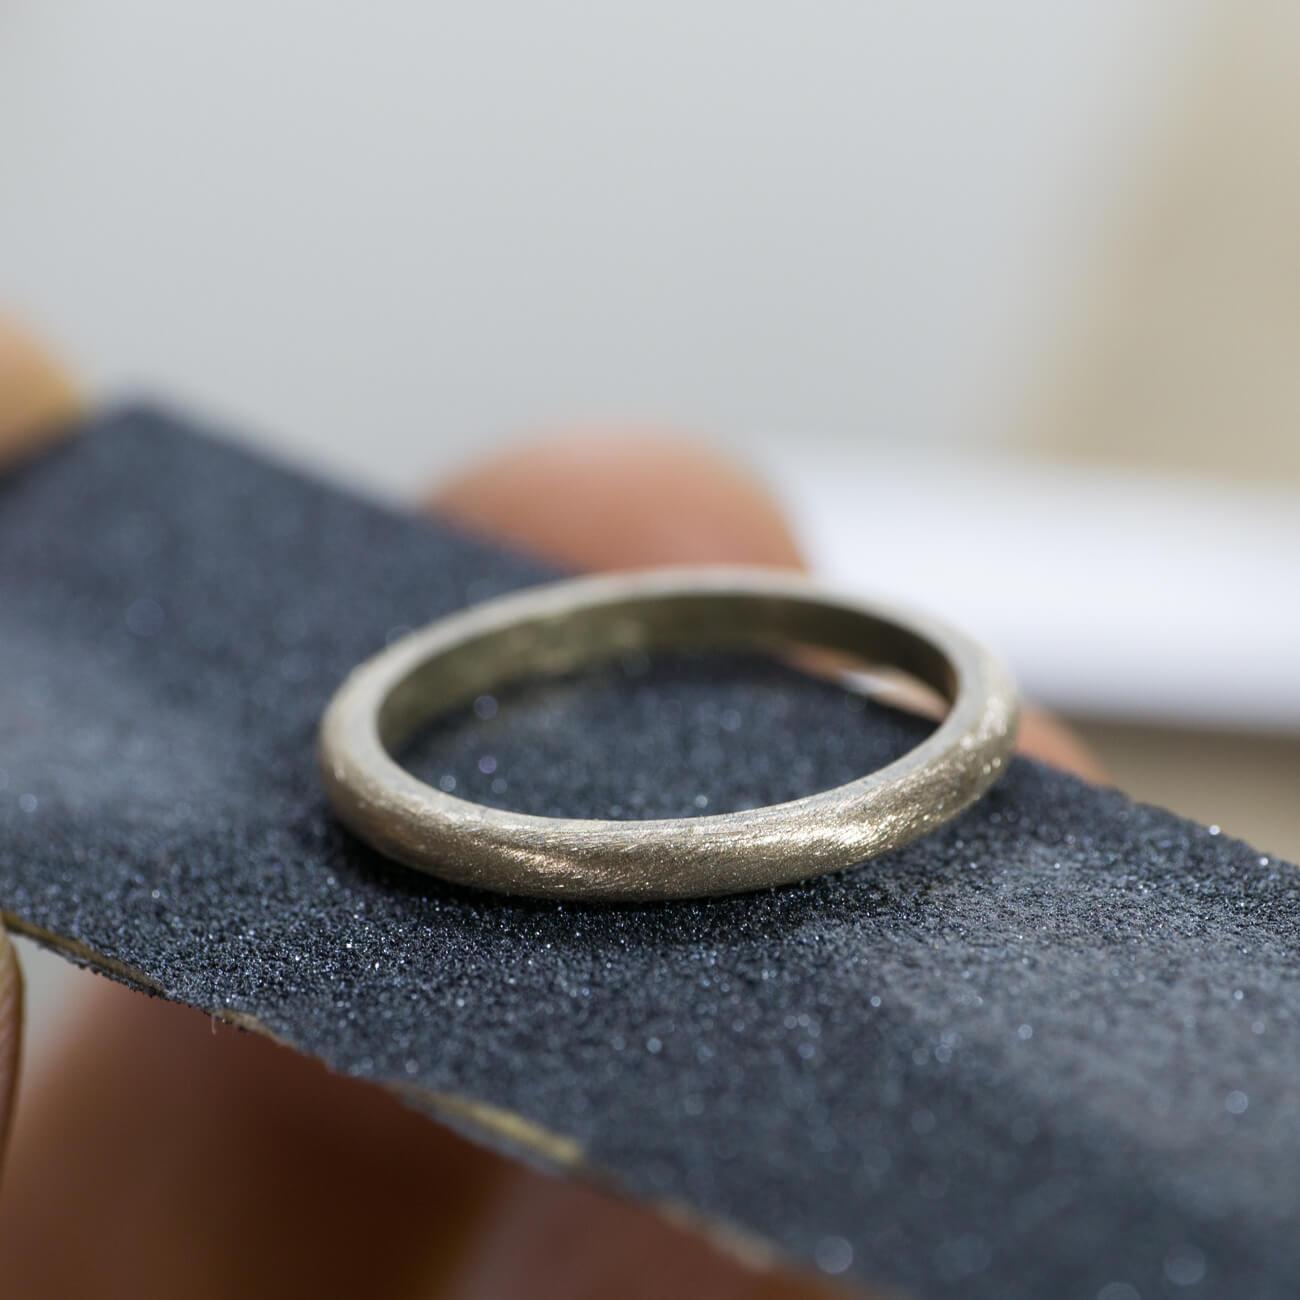 オーダーメイドマリッジリングの制作風景 ジュエリーのアトリエ 紙やすりと指輪 ゴールド 屋久島で作る結婚指輪